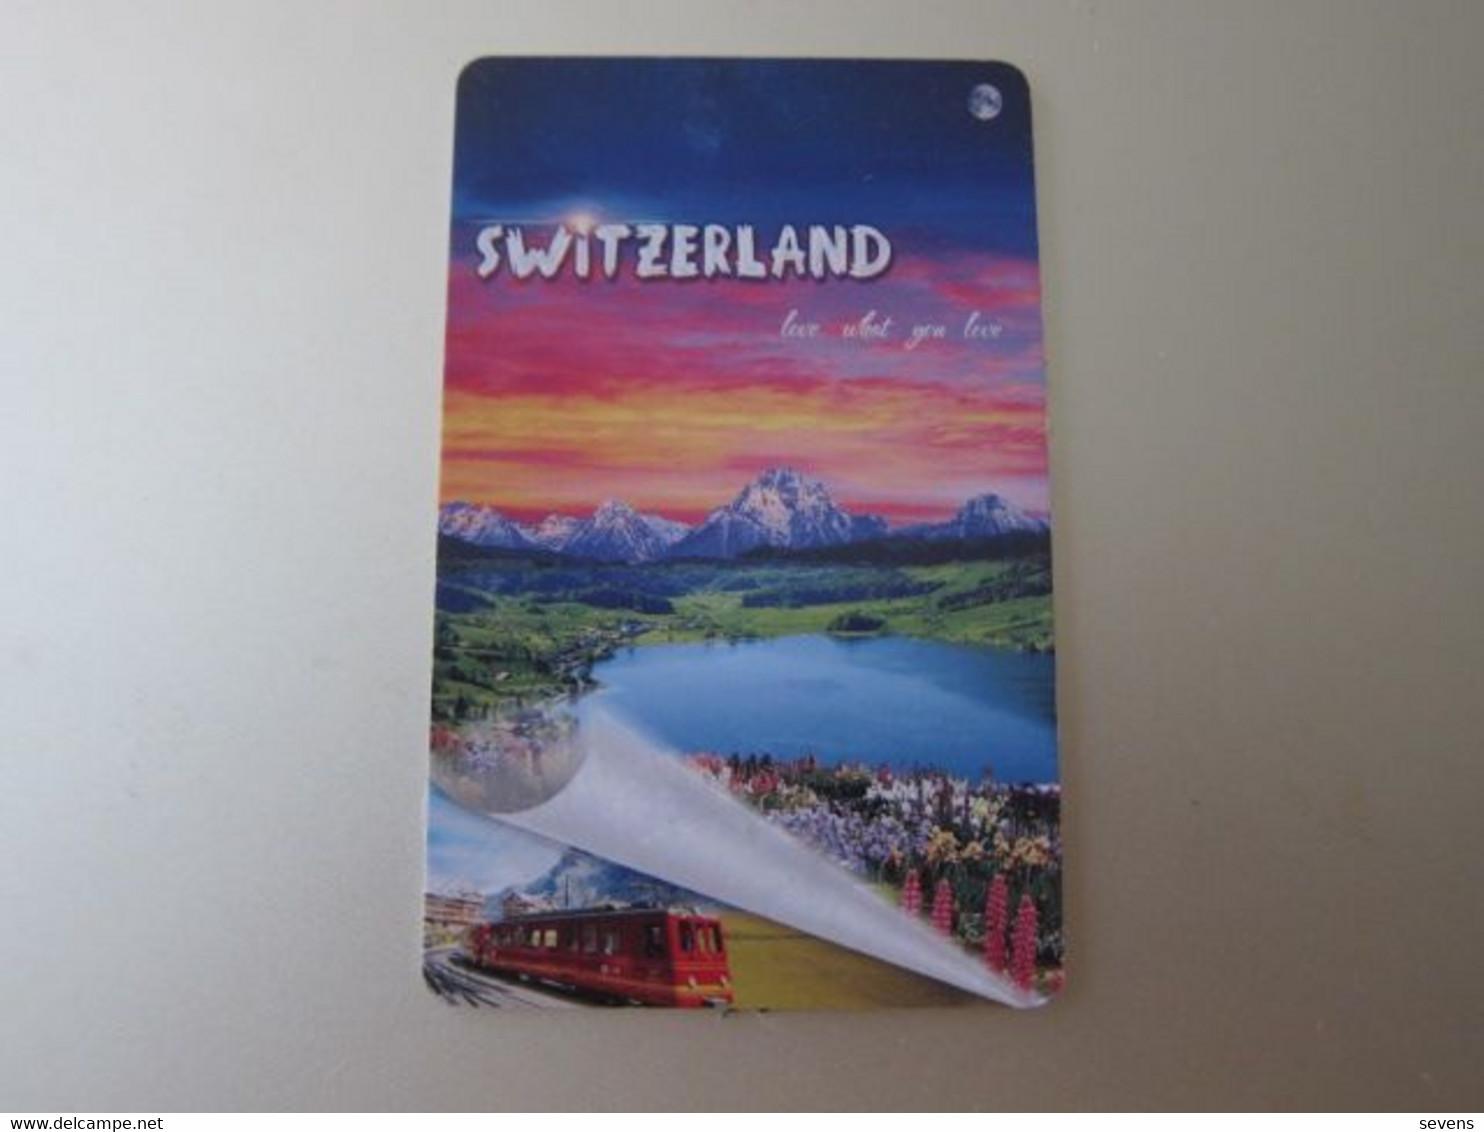 Switzerland Advertisement Card, Train, Mountain, Lake - Unclassified